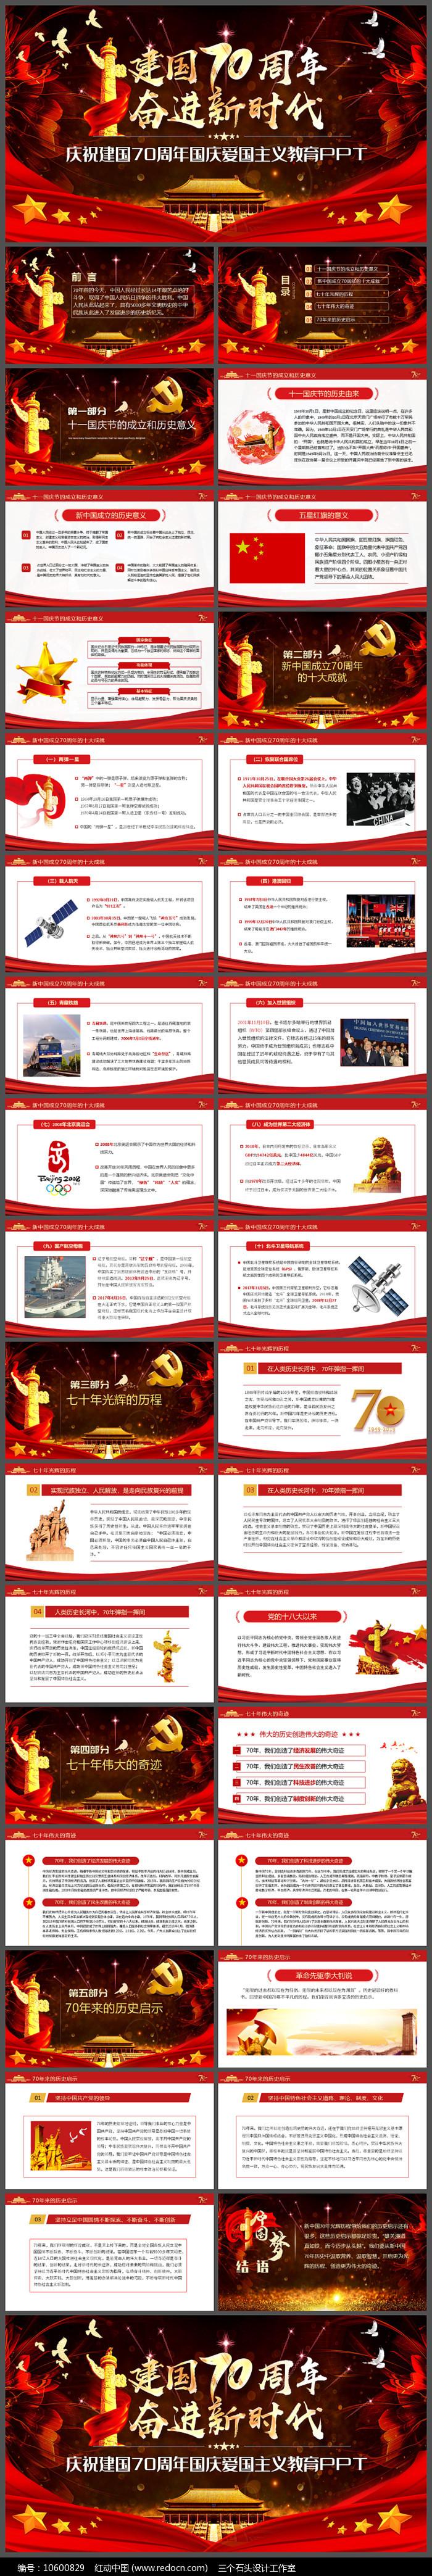 新中国成立70周年爱国教育班会图片